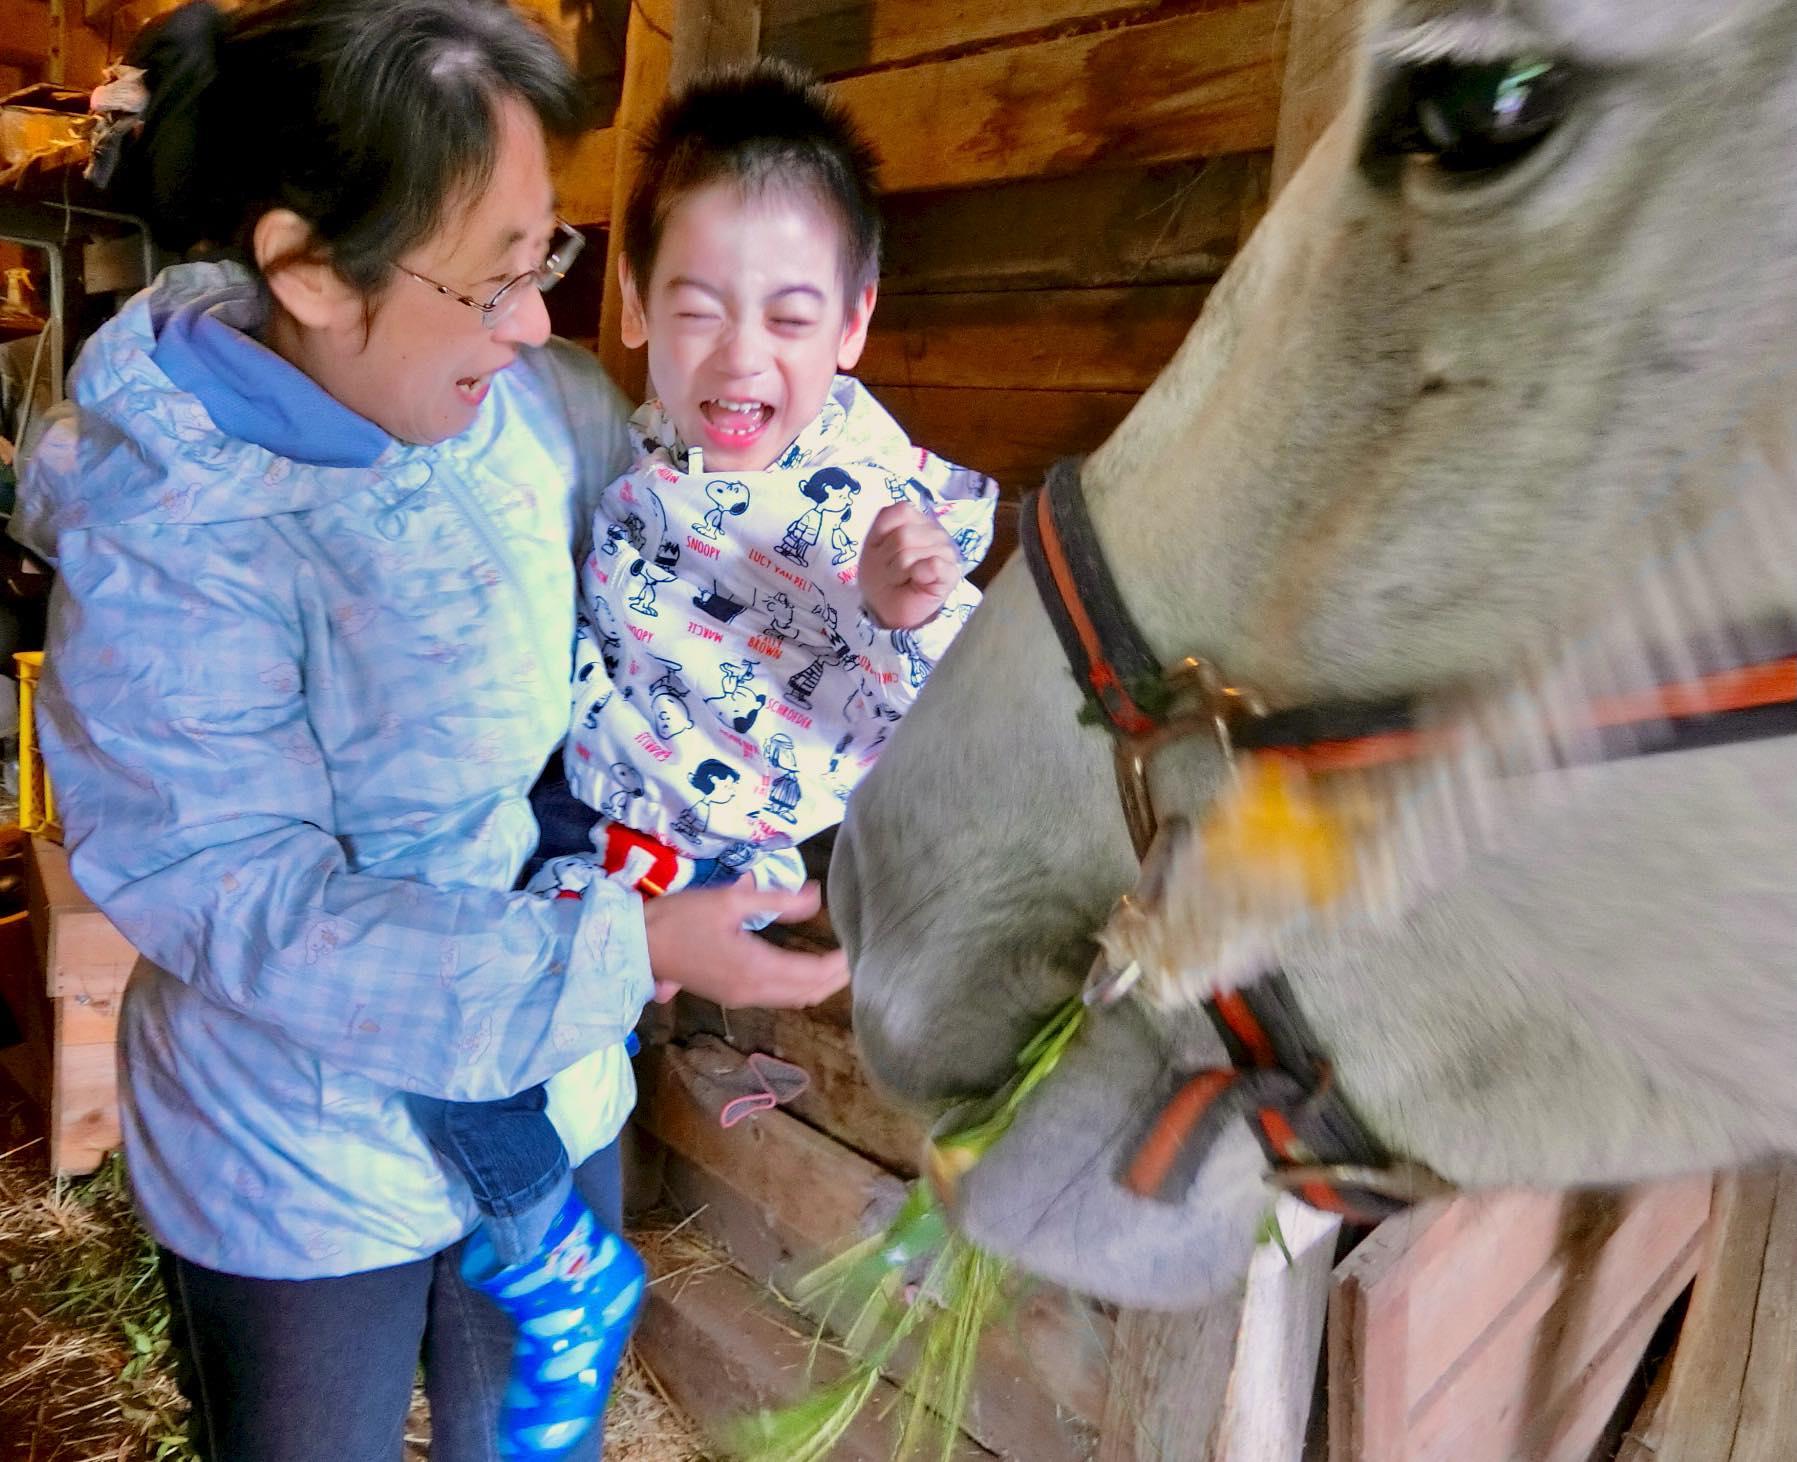 震災から10年 Yahooニュース掲載〜馬が自然が子どもを癒やし成長させる 毎月延べ200人が利用する岩手・釜石市の三陸駒舎【#あれから私は】